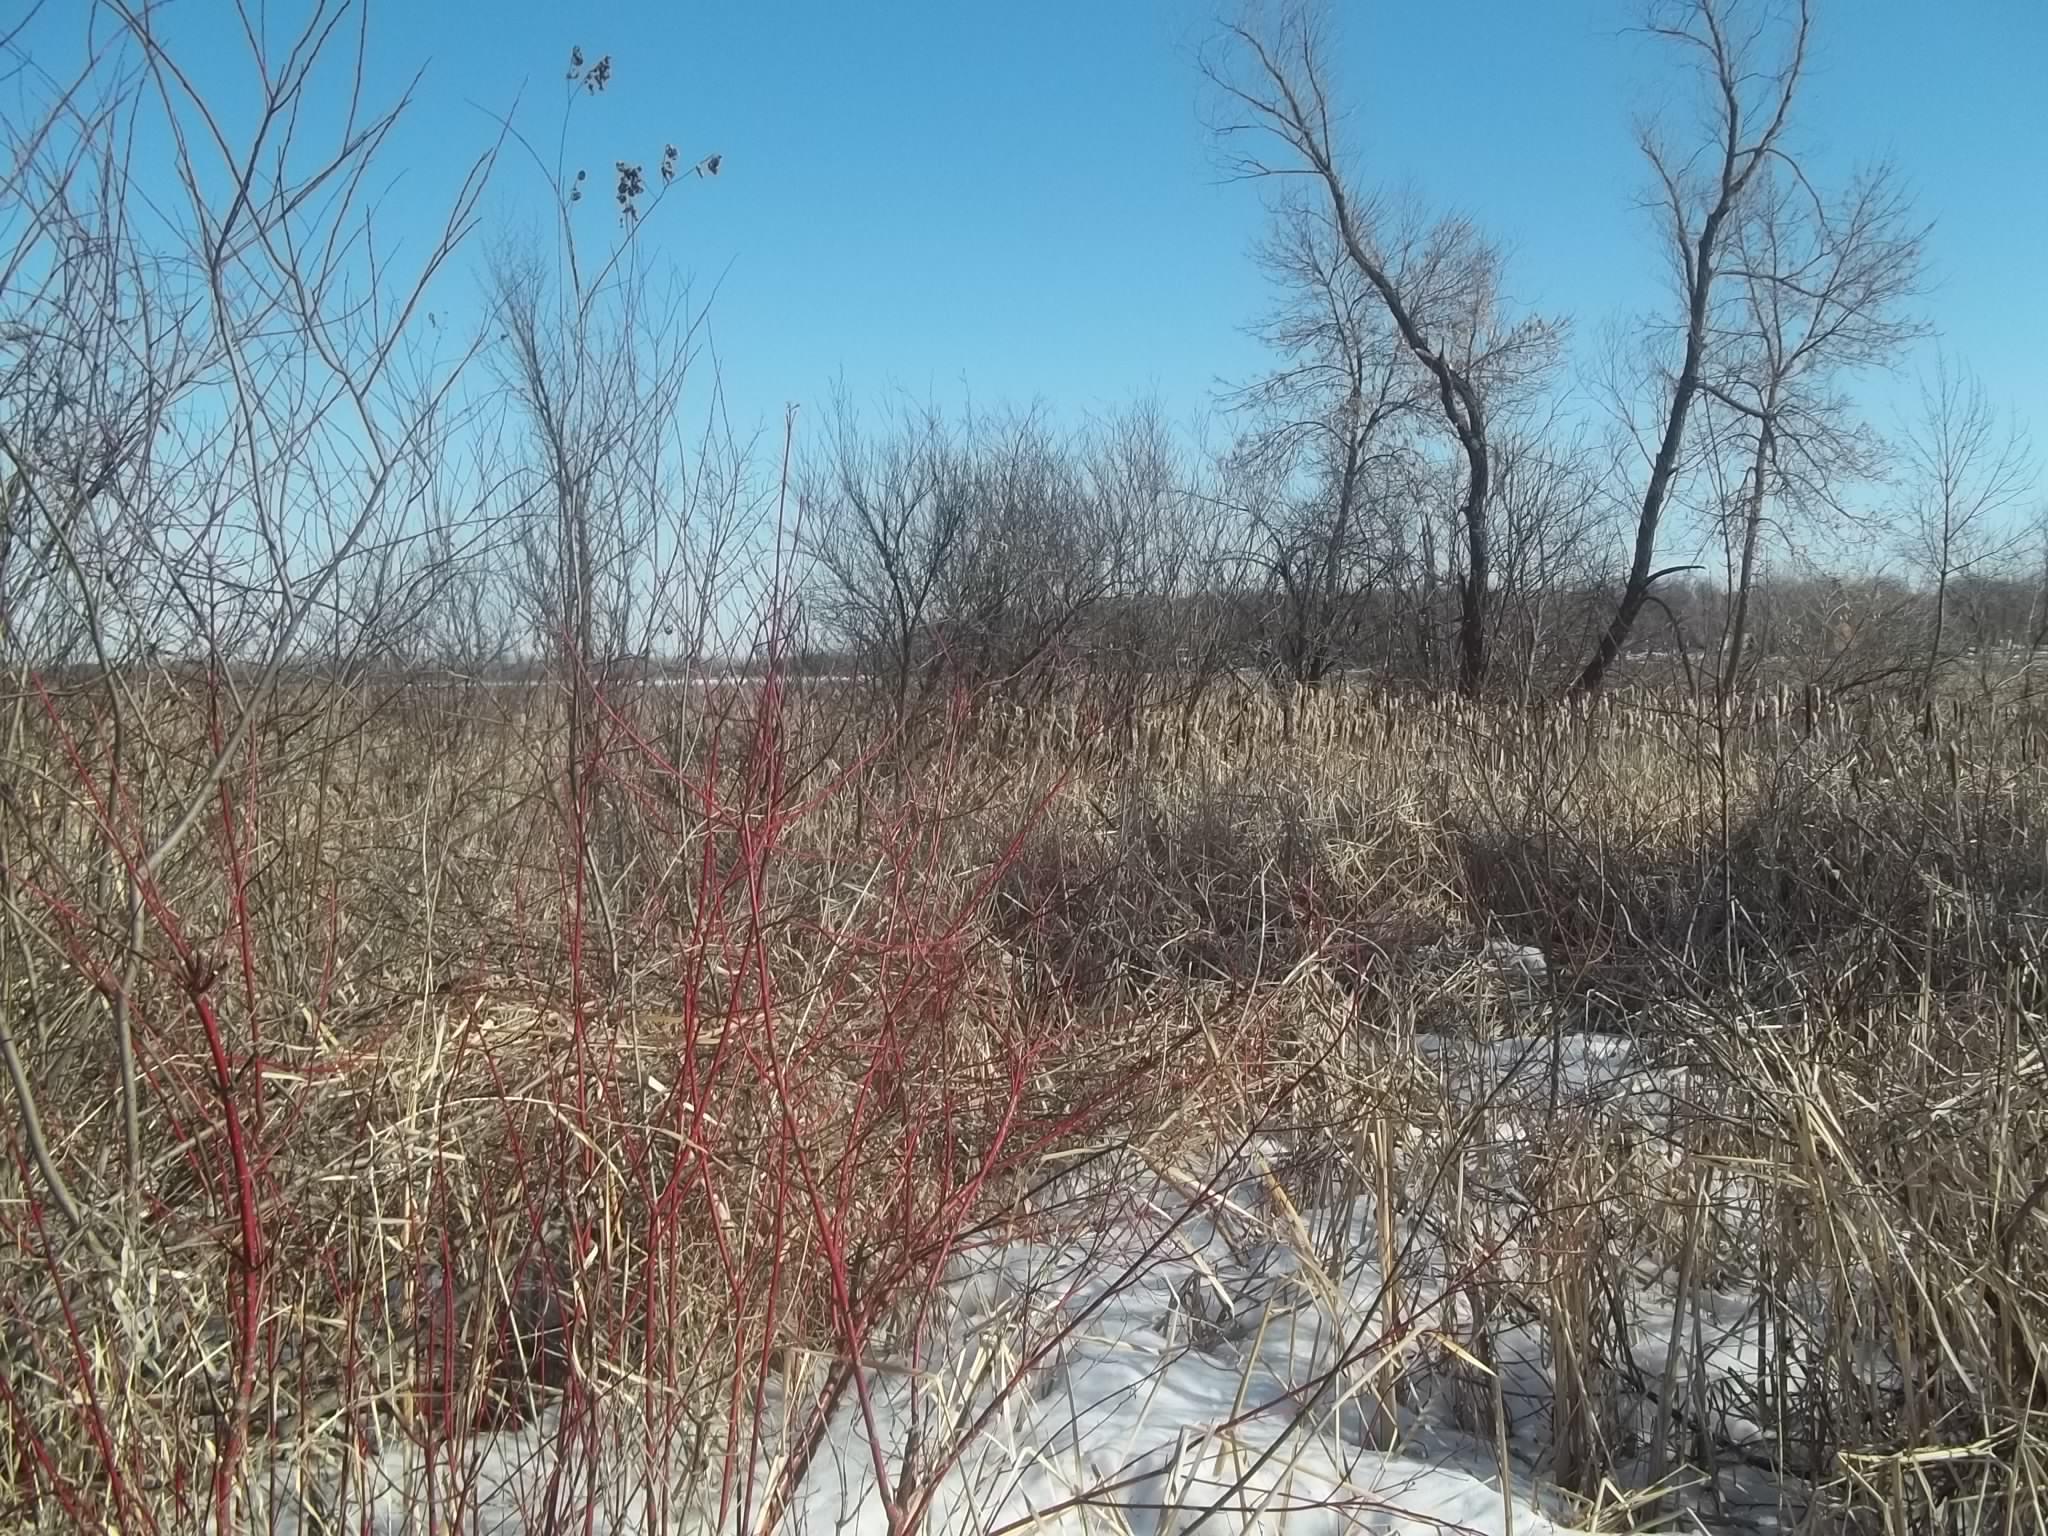 The frozen cattail field